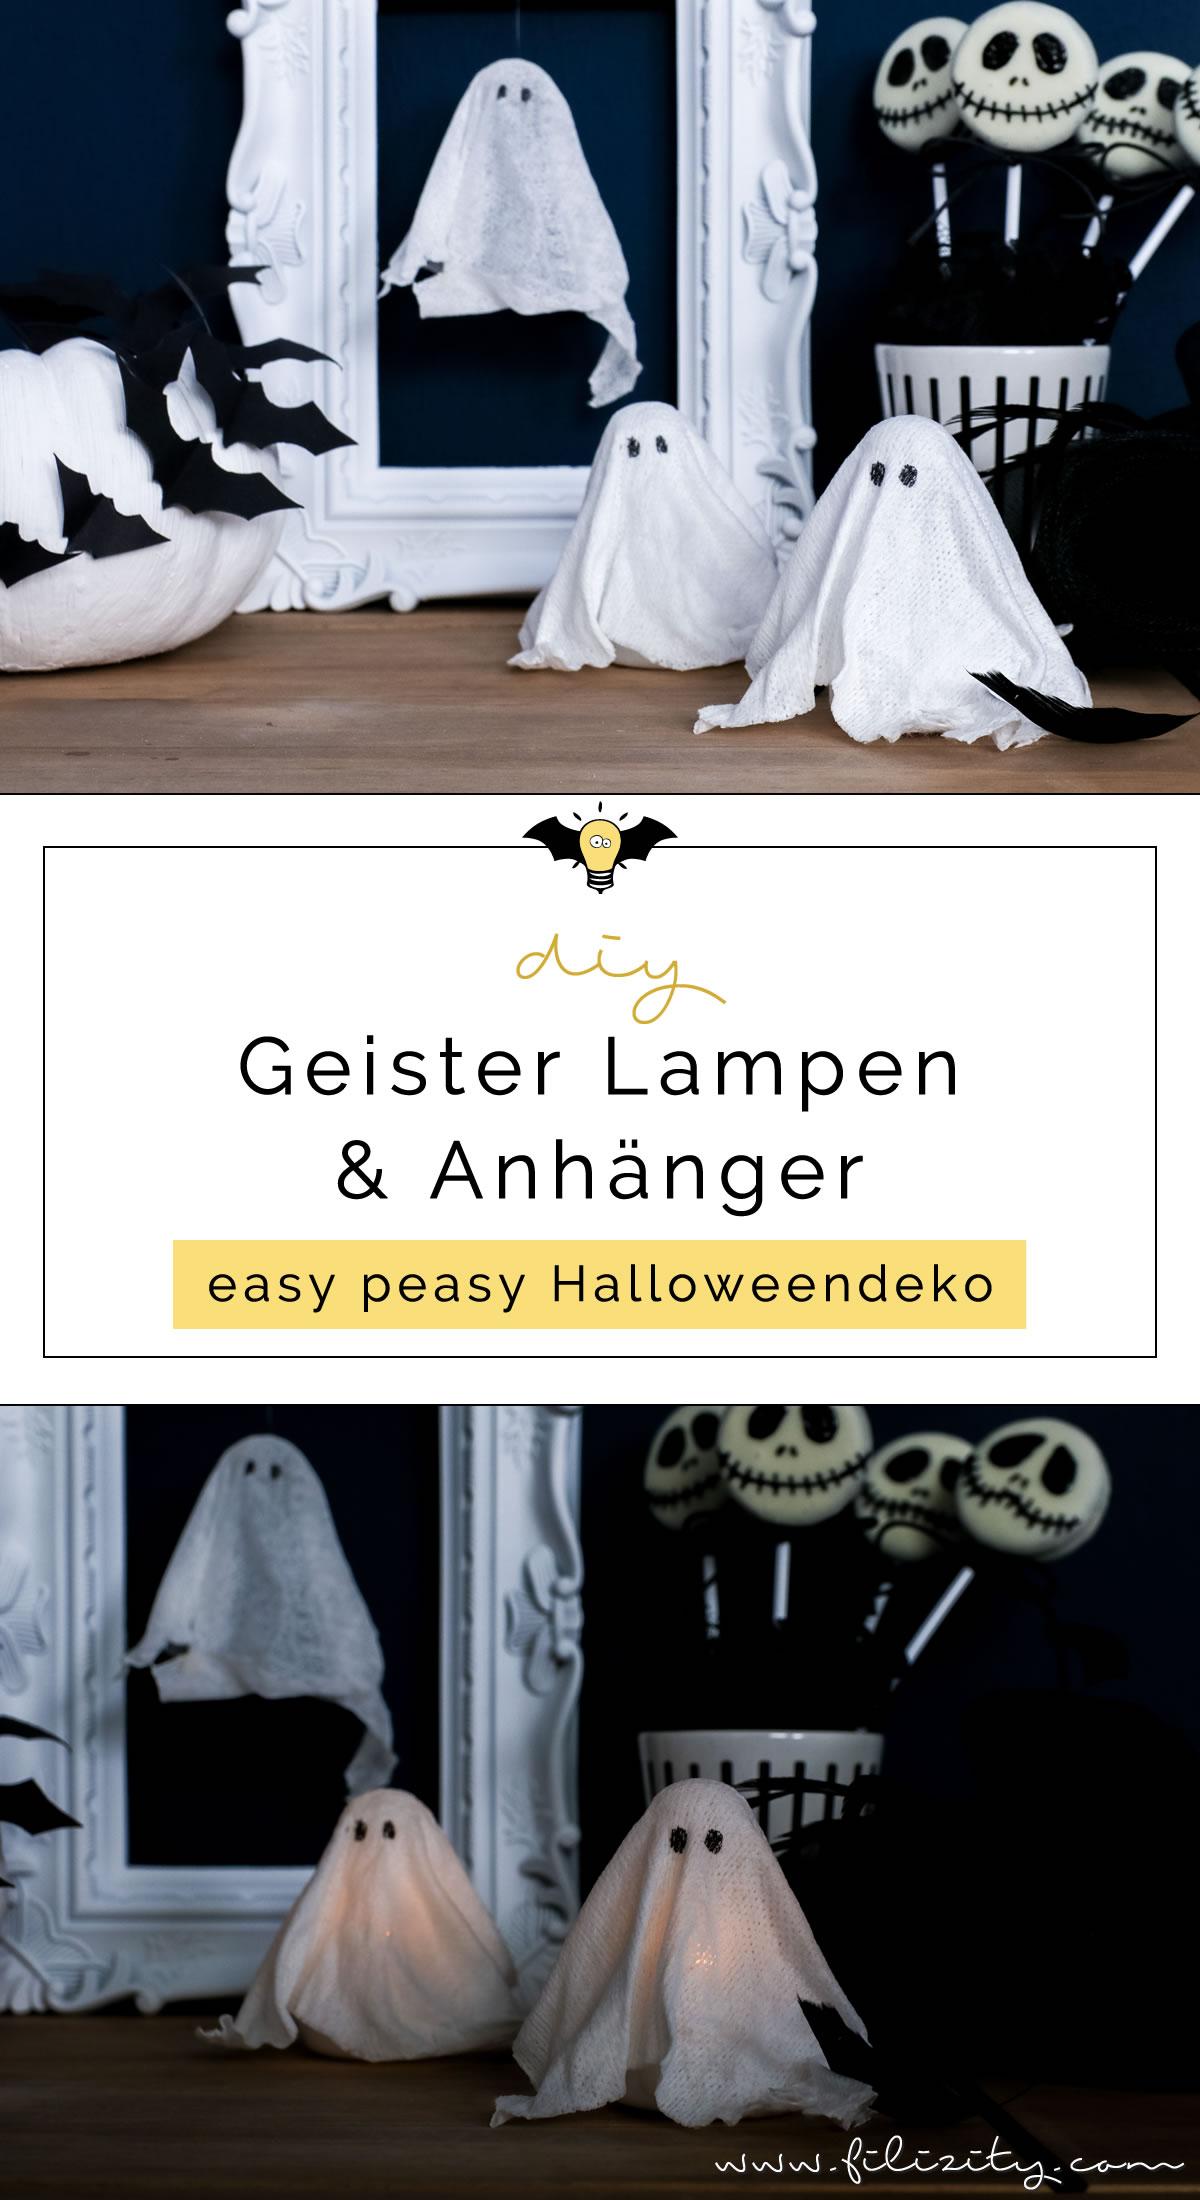 DIY Halloweendeko selber machen: Geister-Lampen und Geister-Anhänger ganz einfach ohne Sauerei basteln | Filizity.com | Food-Blog aus dem Rheinland #halloween #booh #geister